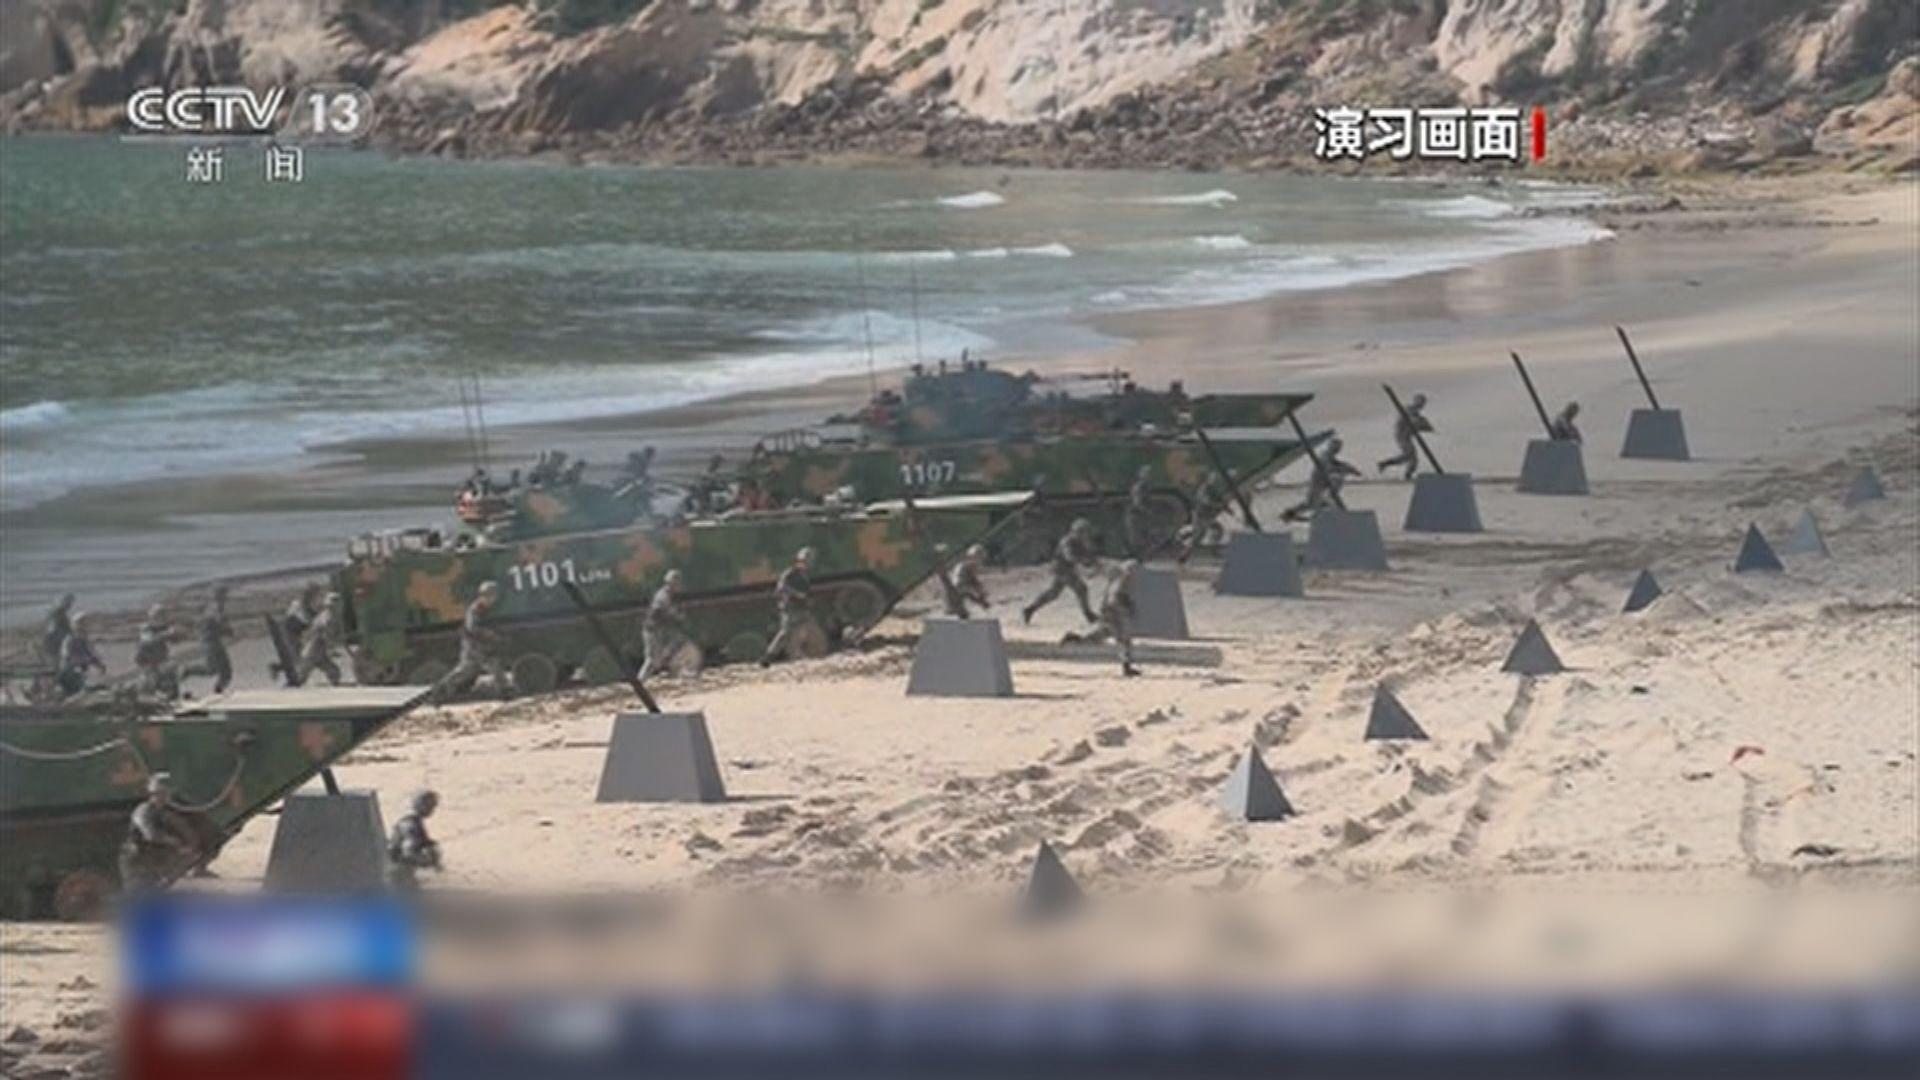 日防相指大陸正對台灣形成軍事包圍